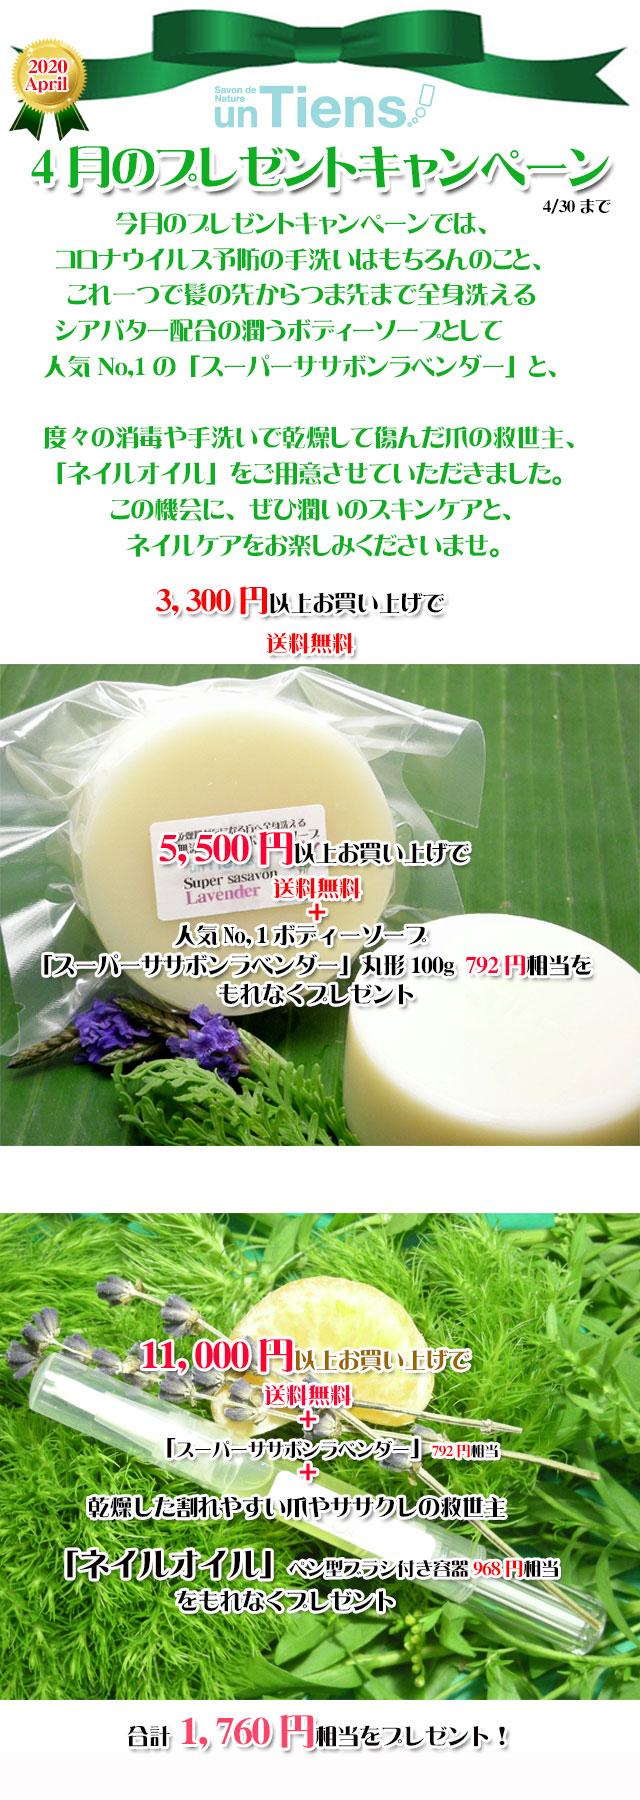 オーガニック化粧品手作り石鹸アンティアン2004今月のキャンペーンtop